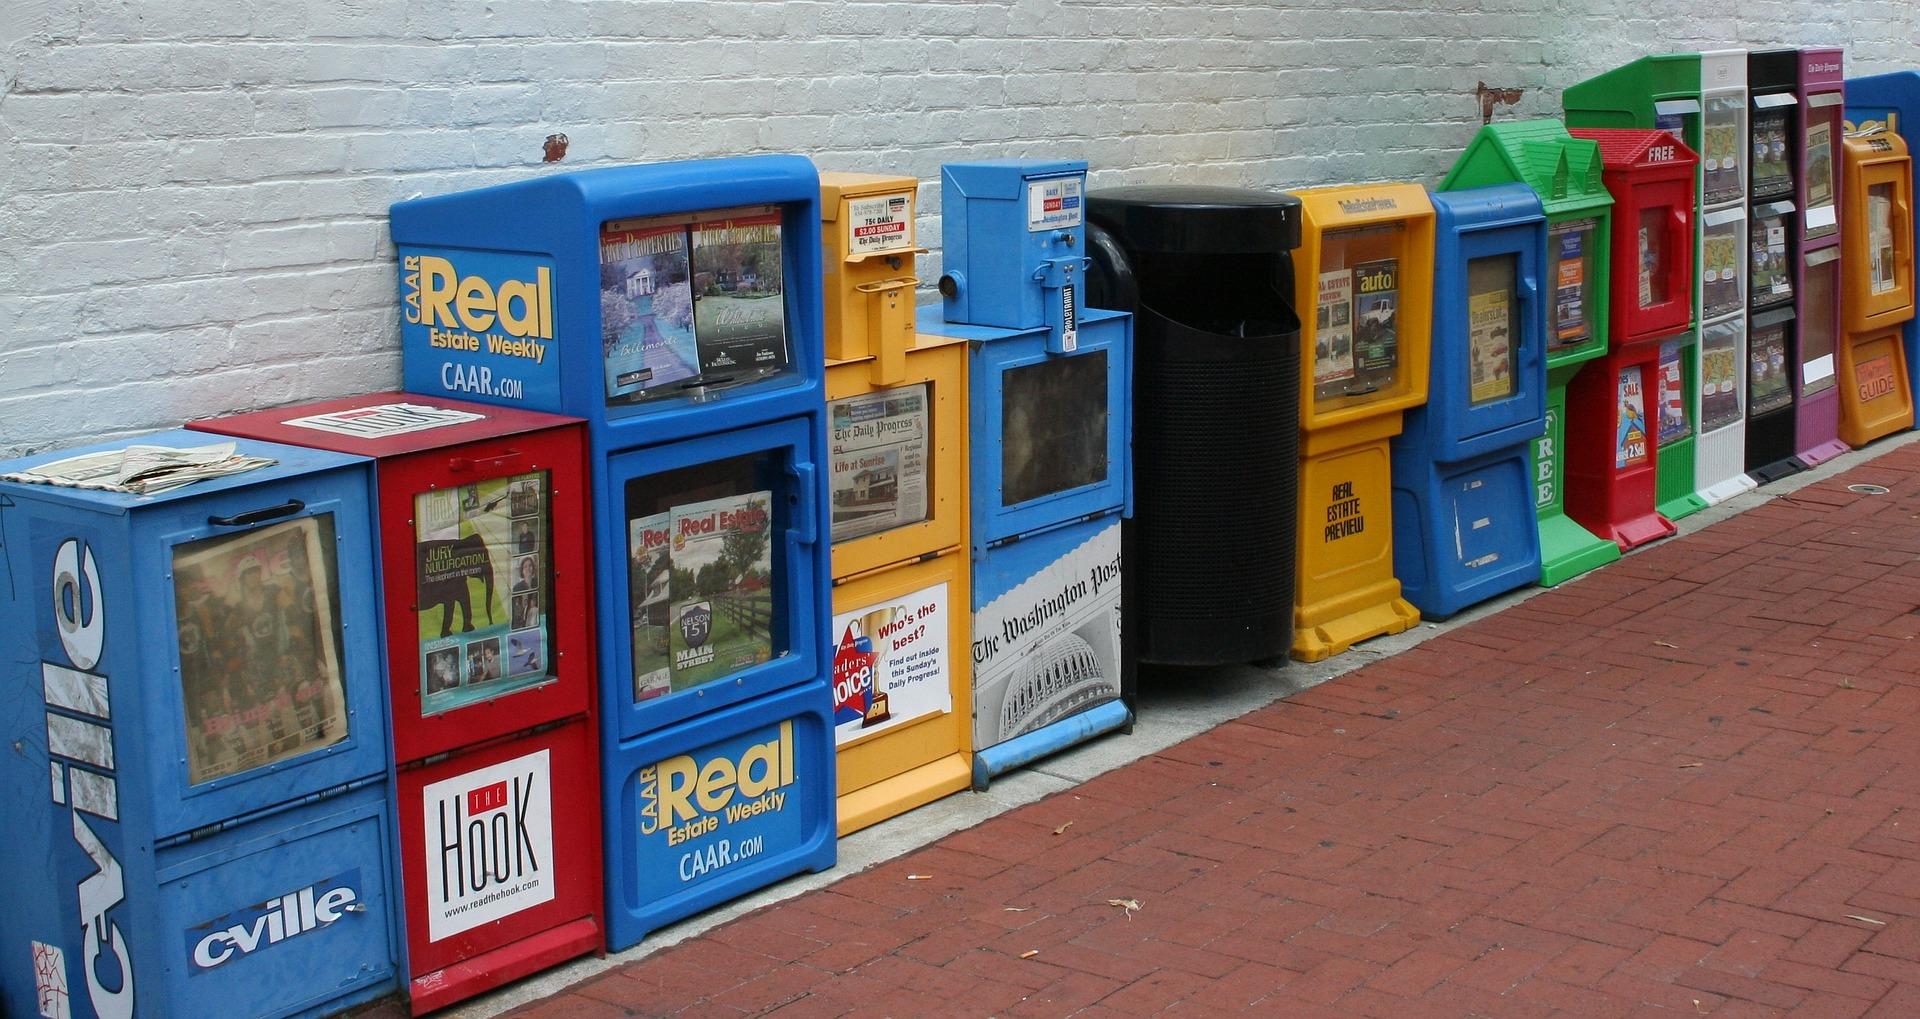 newspapers-53323_1920.jpg